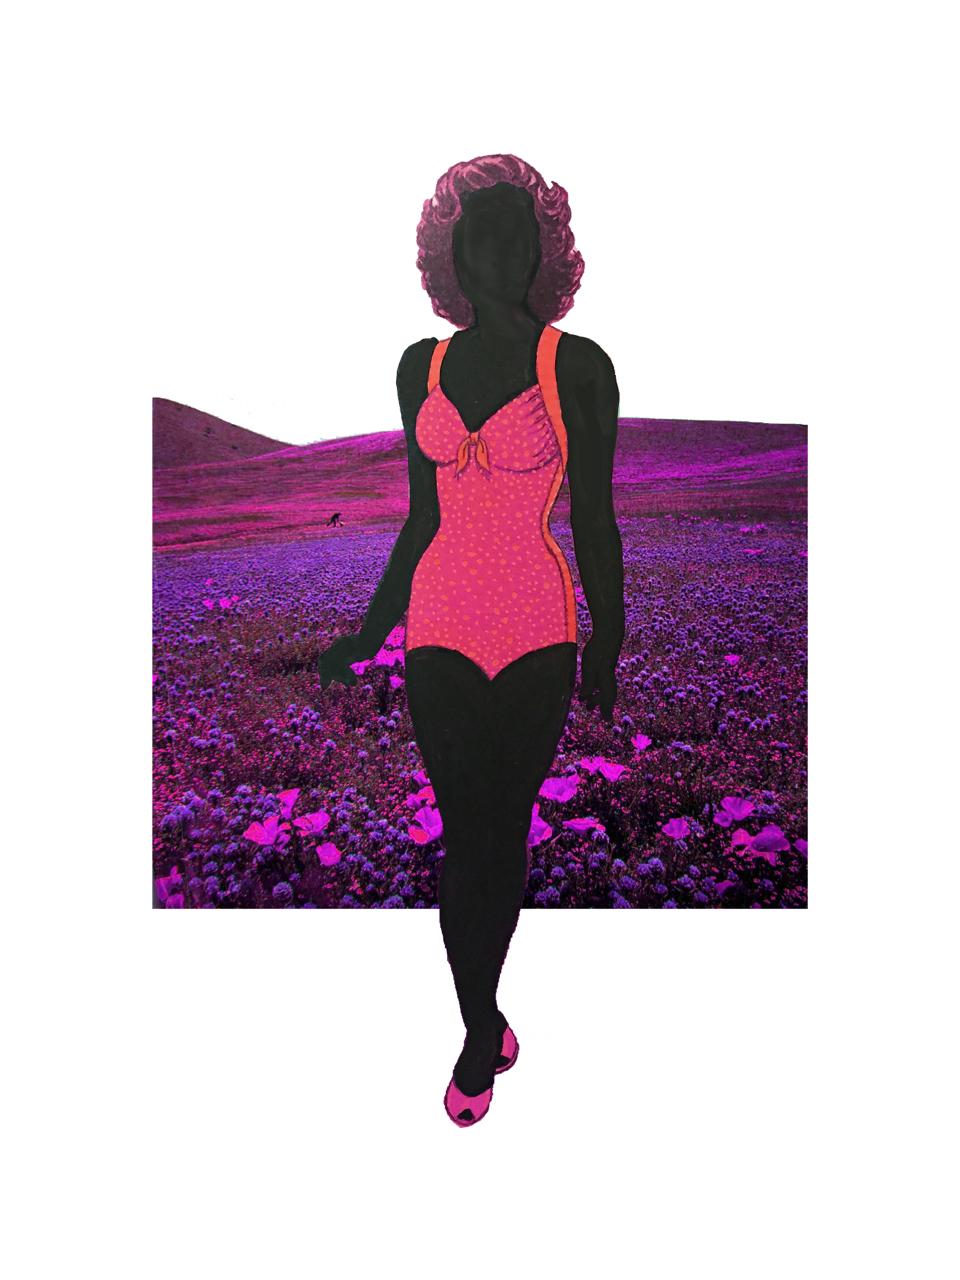 jasmine weber - 2.jpg